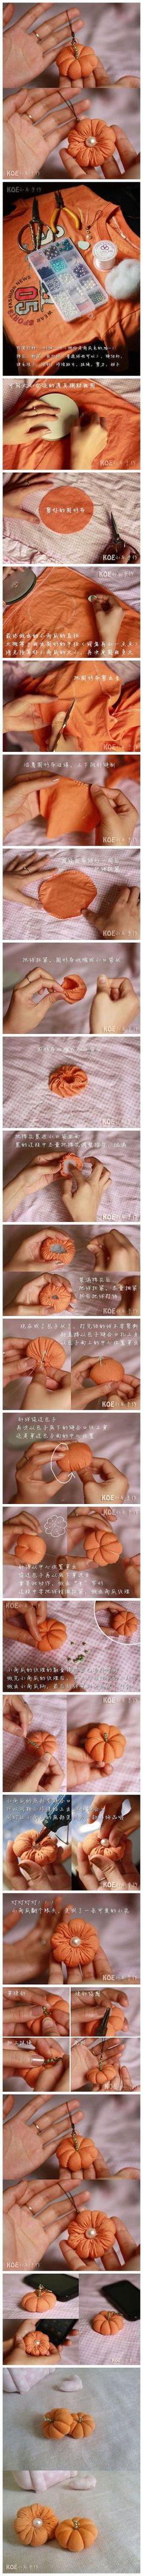 DIY Old T-Shirt Pumpkin Ornament DIY Projects